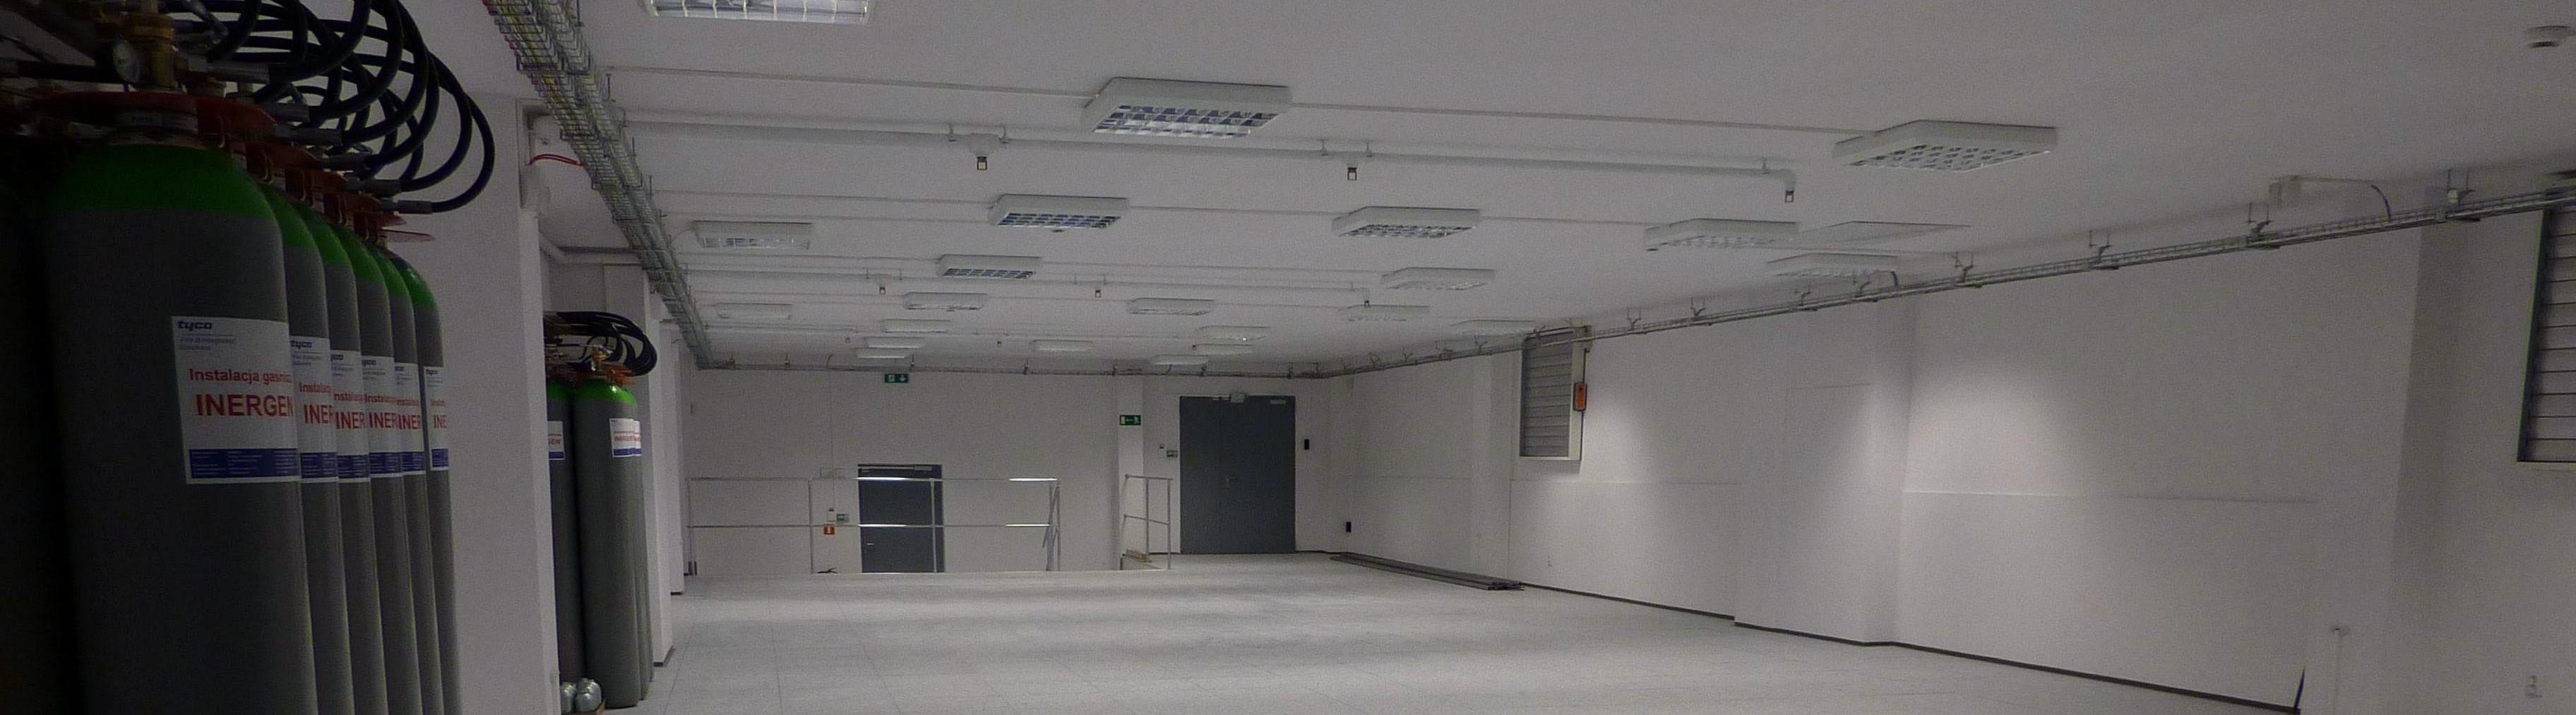 przestrzen serwerowni, na koncu pomieszczenia widac dwa wyjscia- awaryjne i techniczne